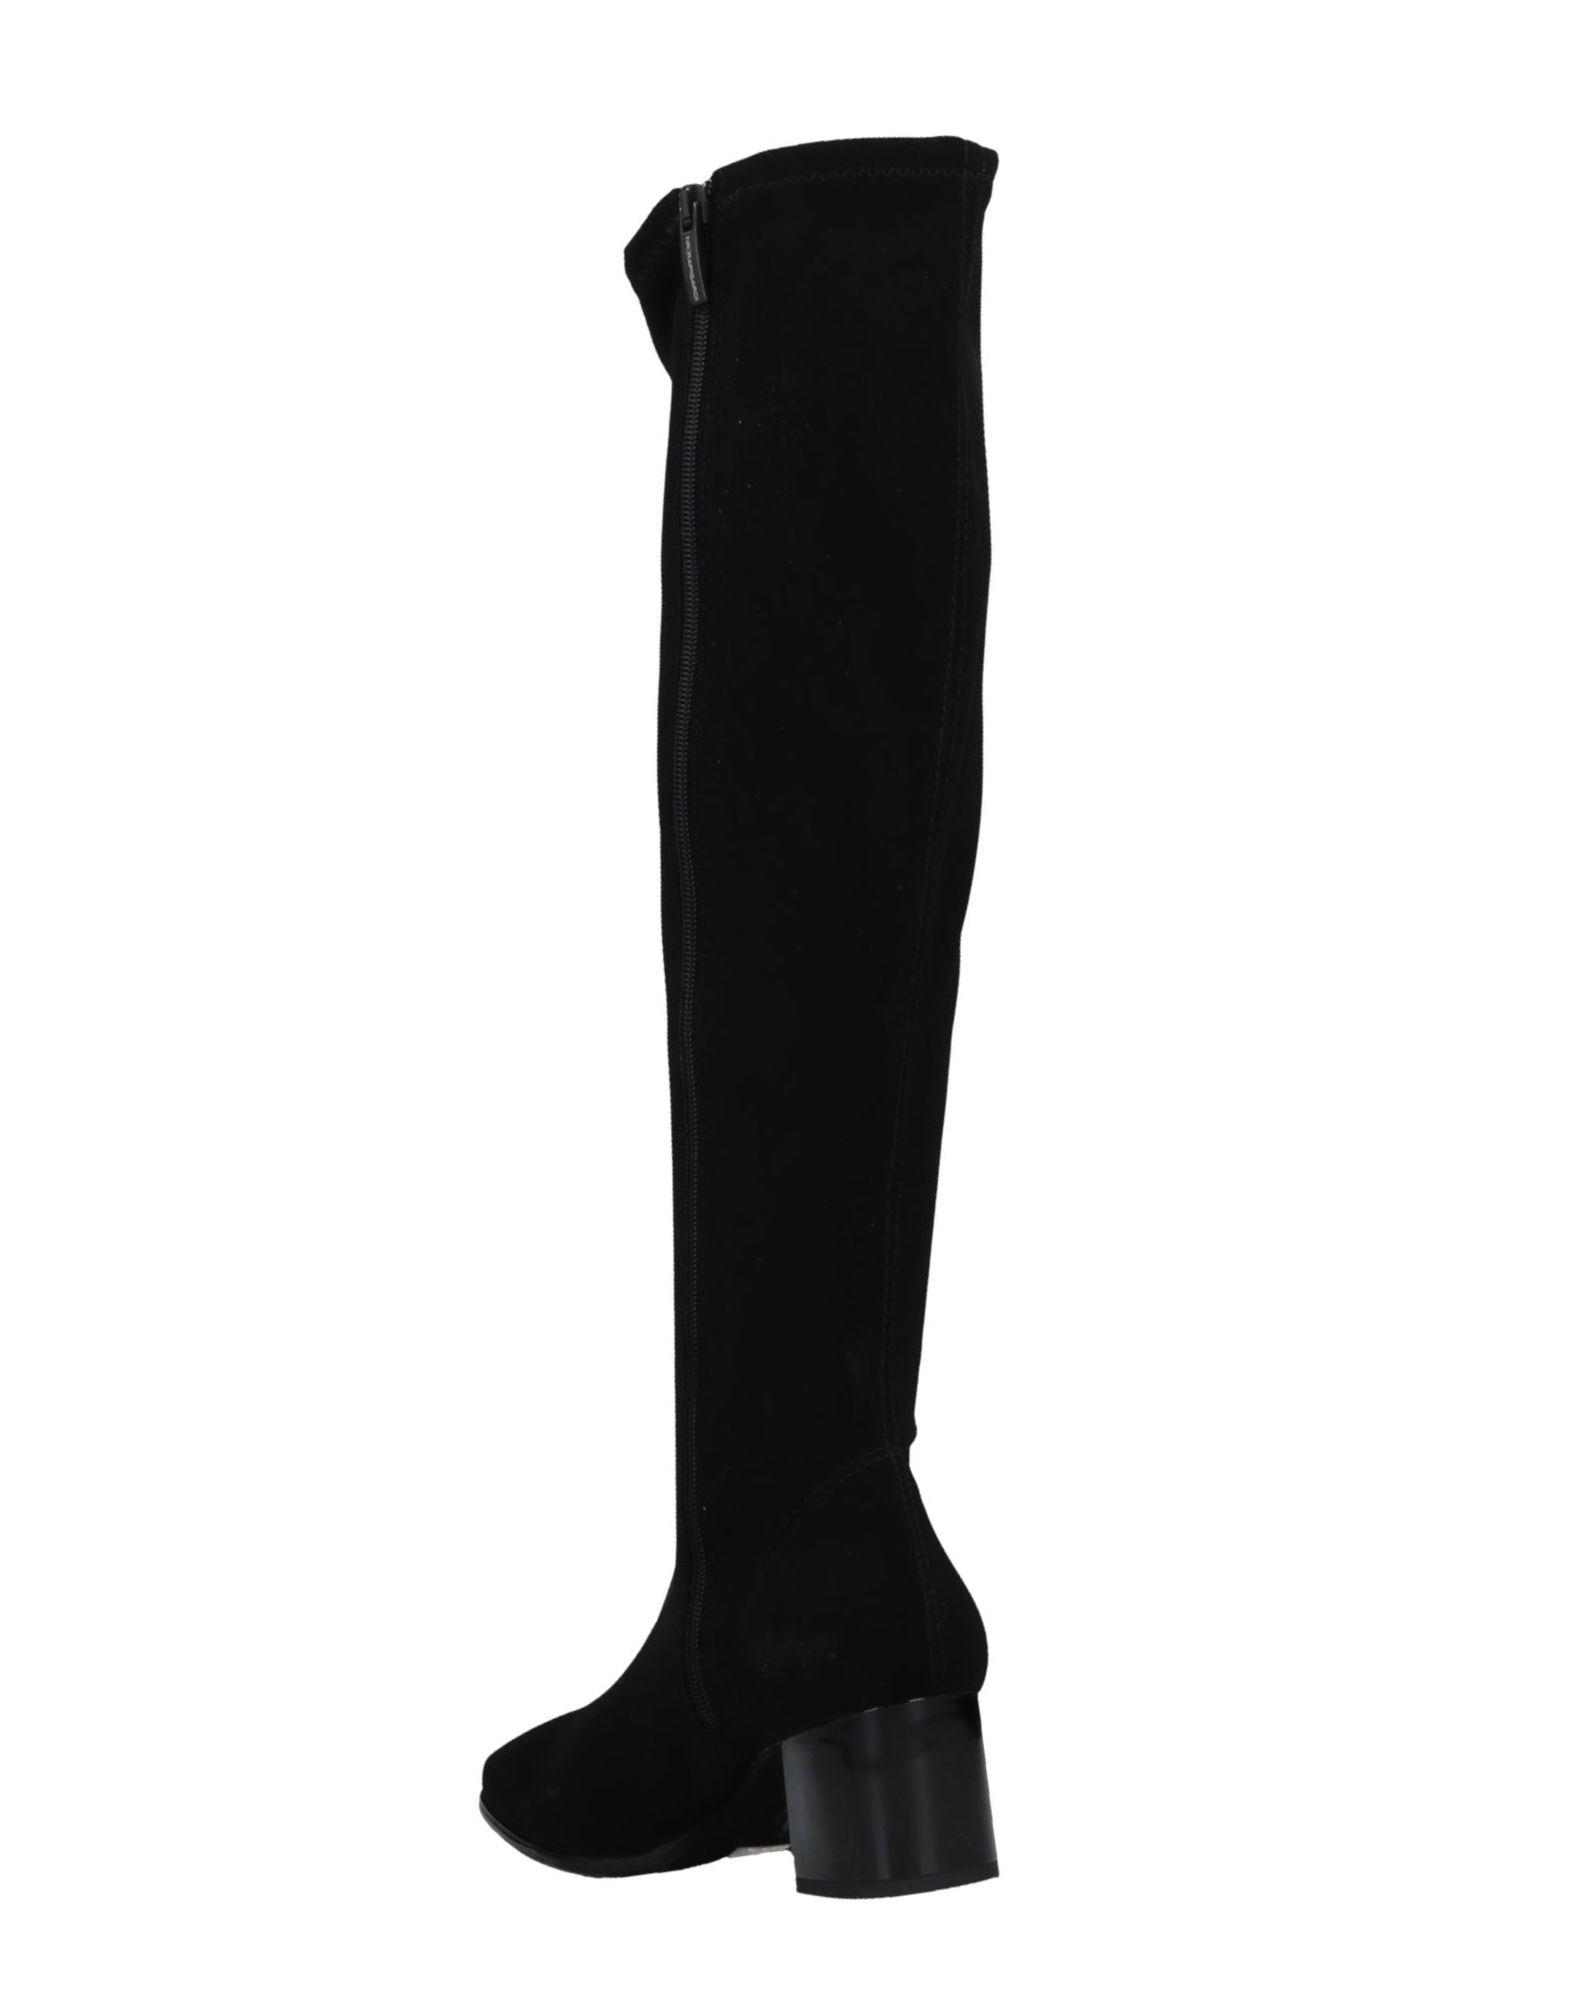 Gut um Stiefel billige Schuhe zu tragenNr Rapisardi Stiefel um Damen  11521395GM 839739